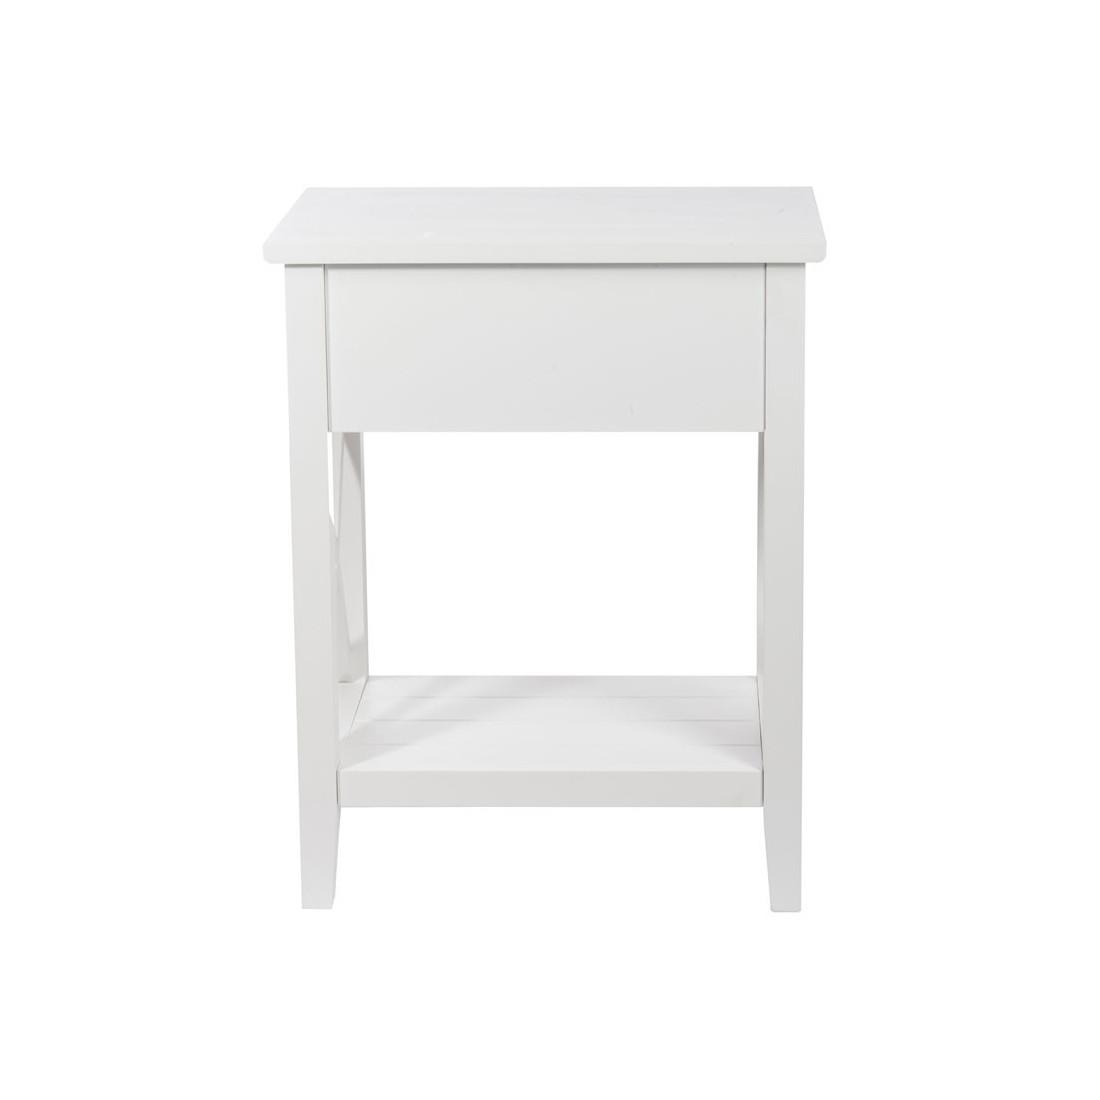 duo de tables de chevet 1 tiroir bois blanc ferret univers chambre. Black Bedroom Furniture Sets. Home Design Ideas